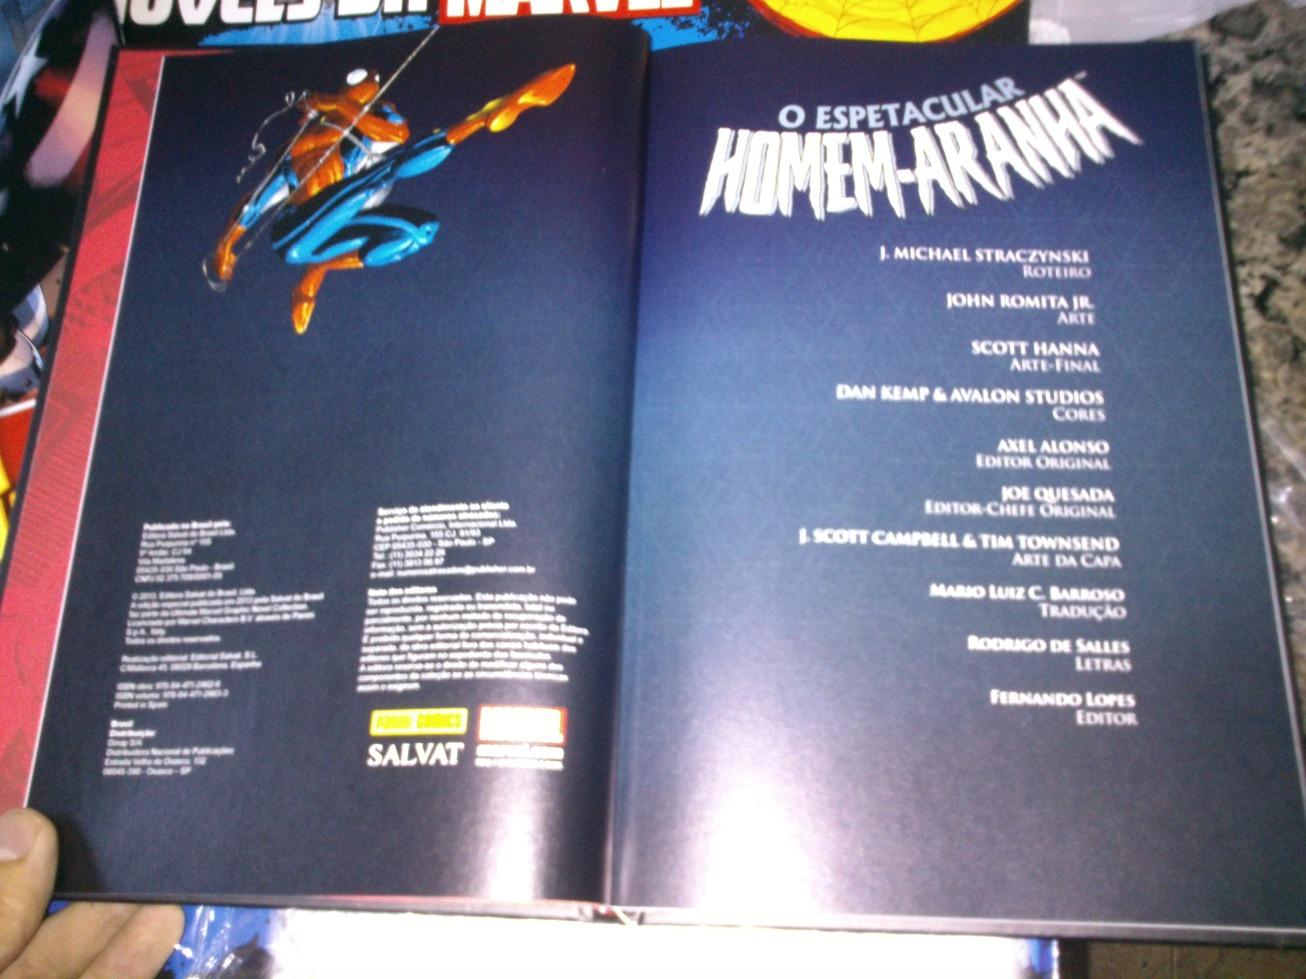 [Quadrinhos] Coleção de Graphic Novels MARVEL- Salvat - Página 2 Dsc_00451